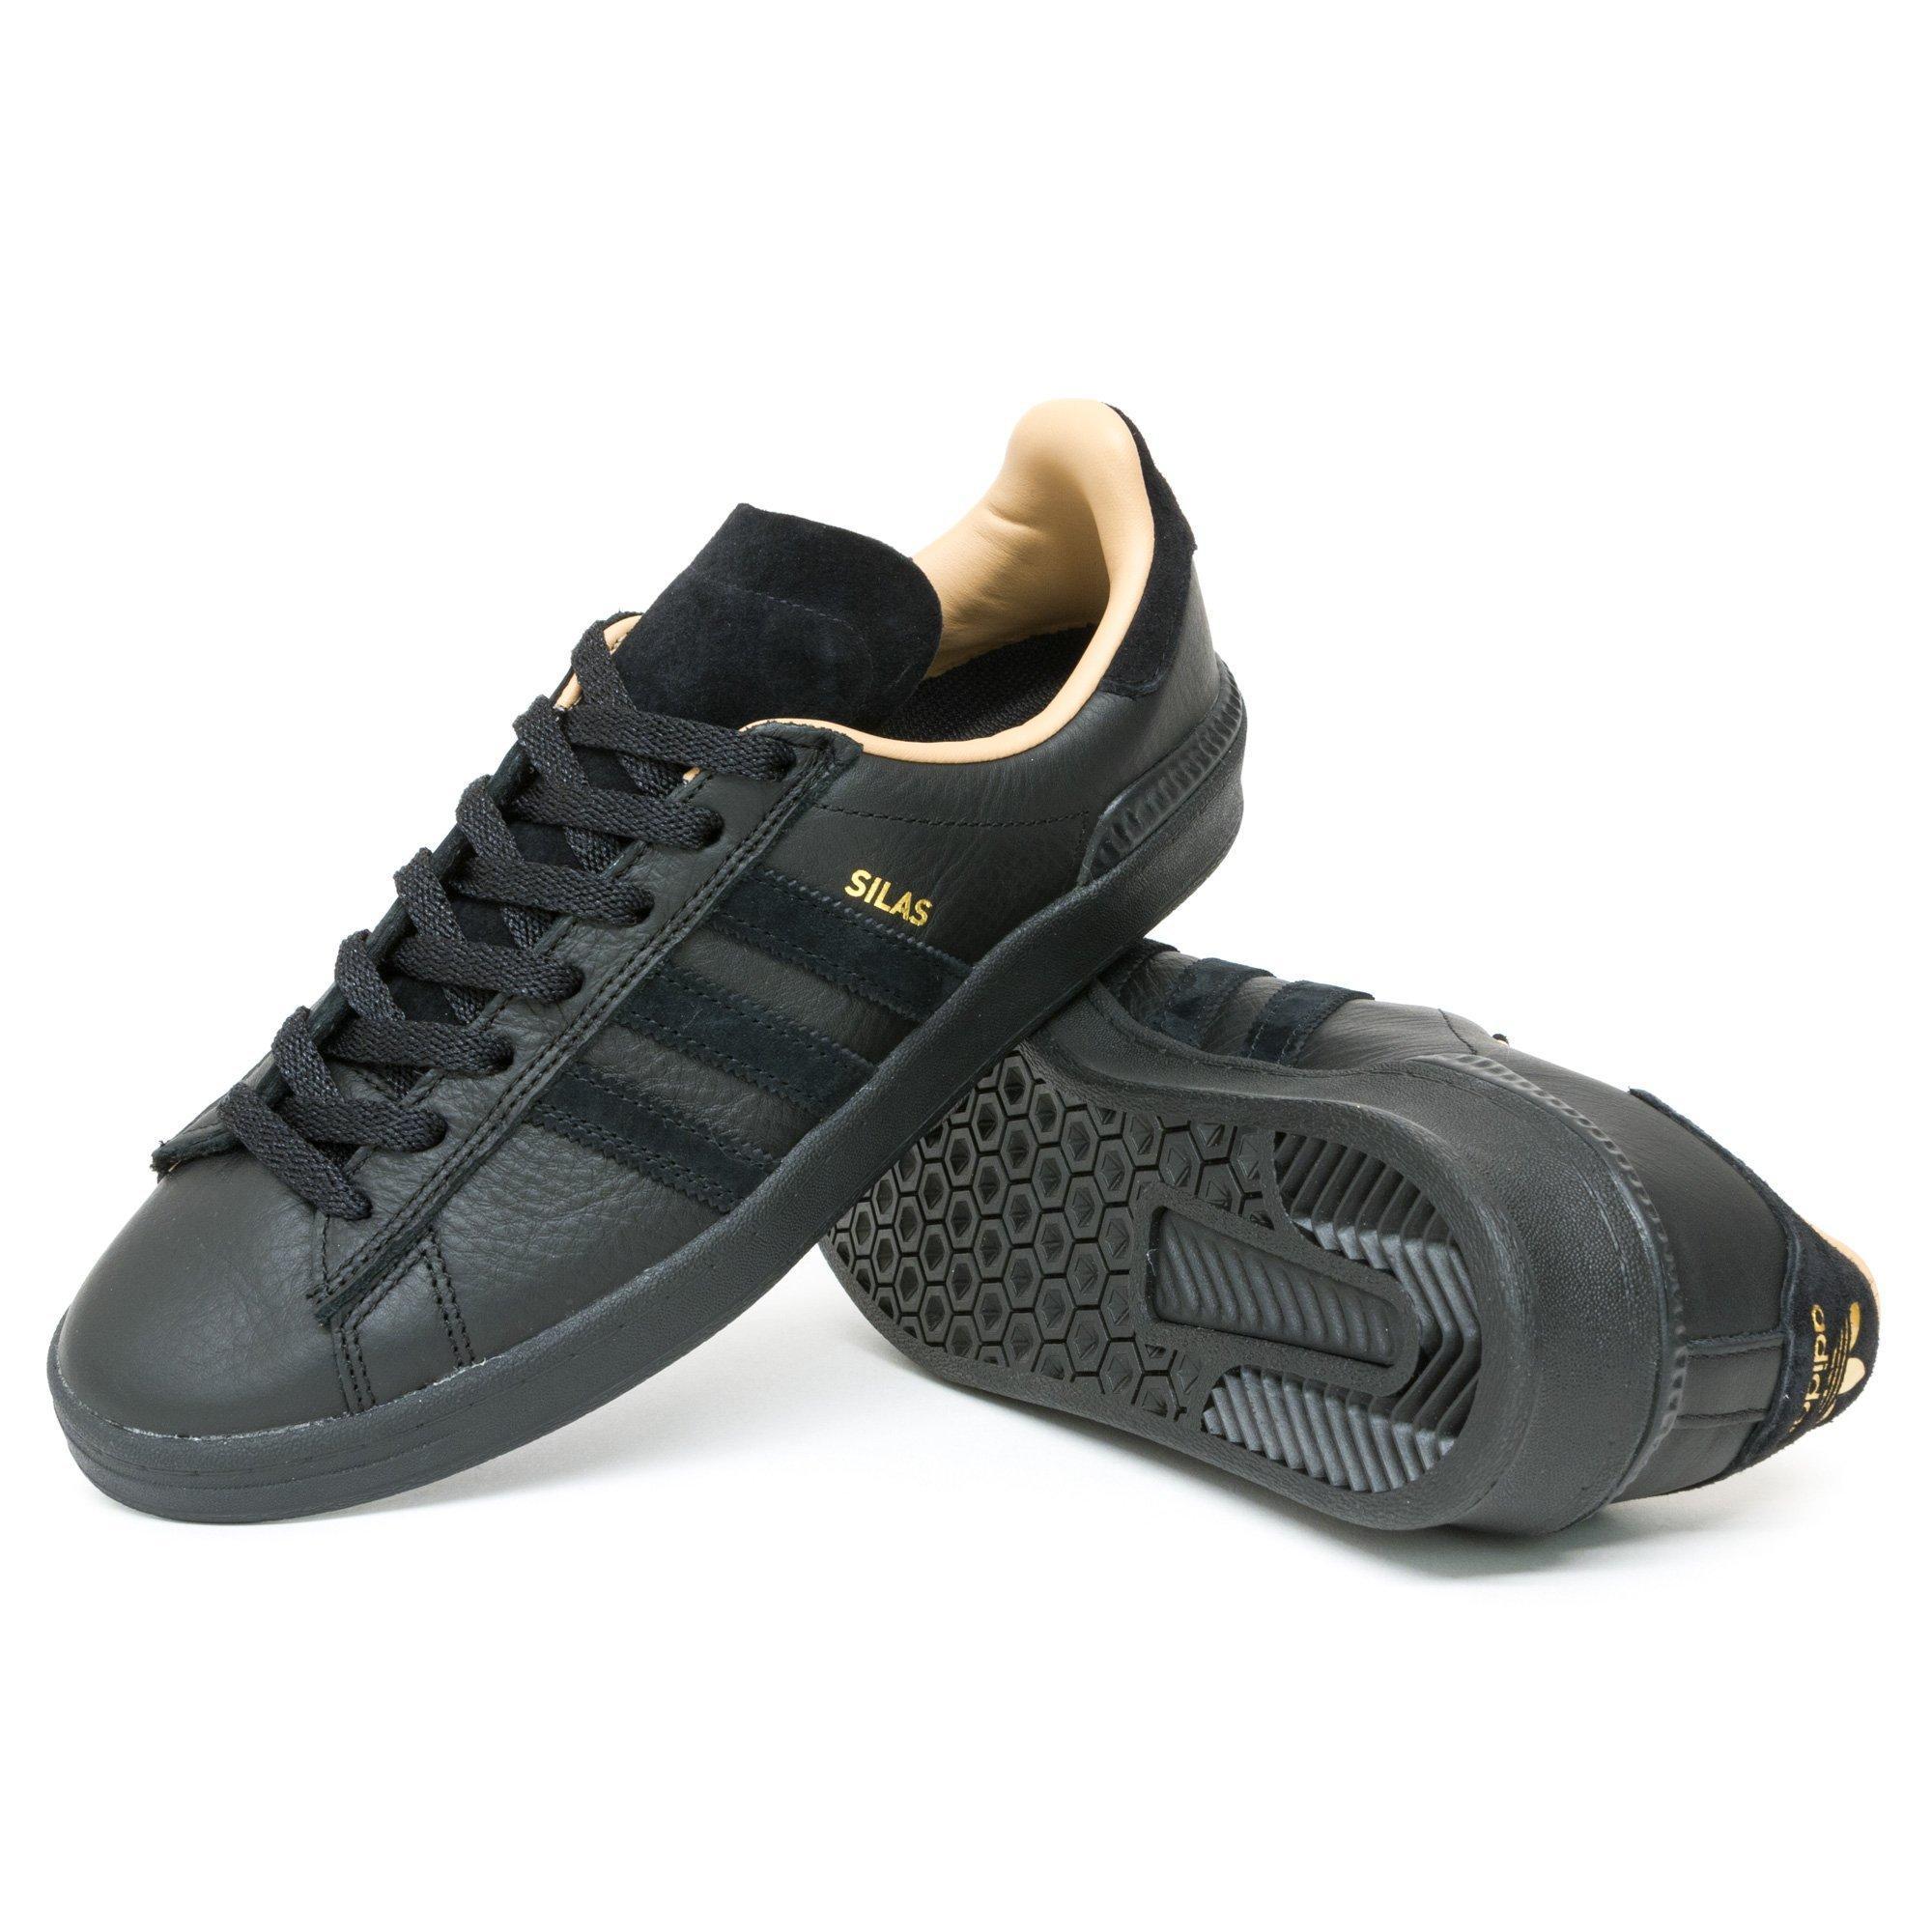 diversos estilos personalizadas ofrecer descuentos adidas campus all black off 66% - www.skolanlar.nu